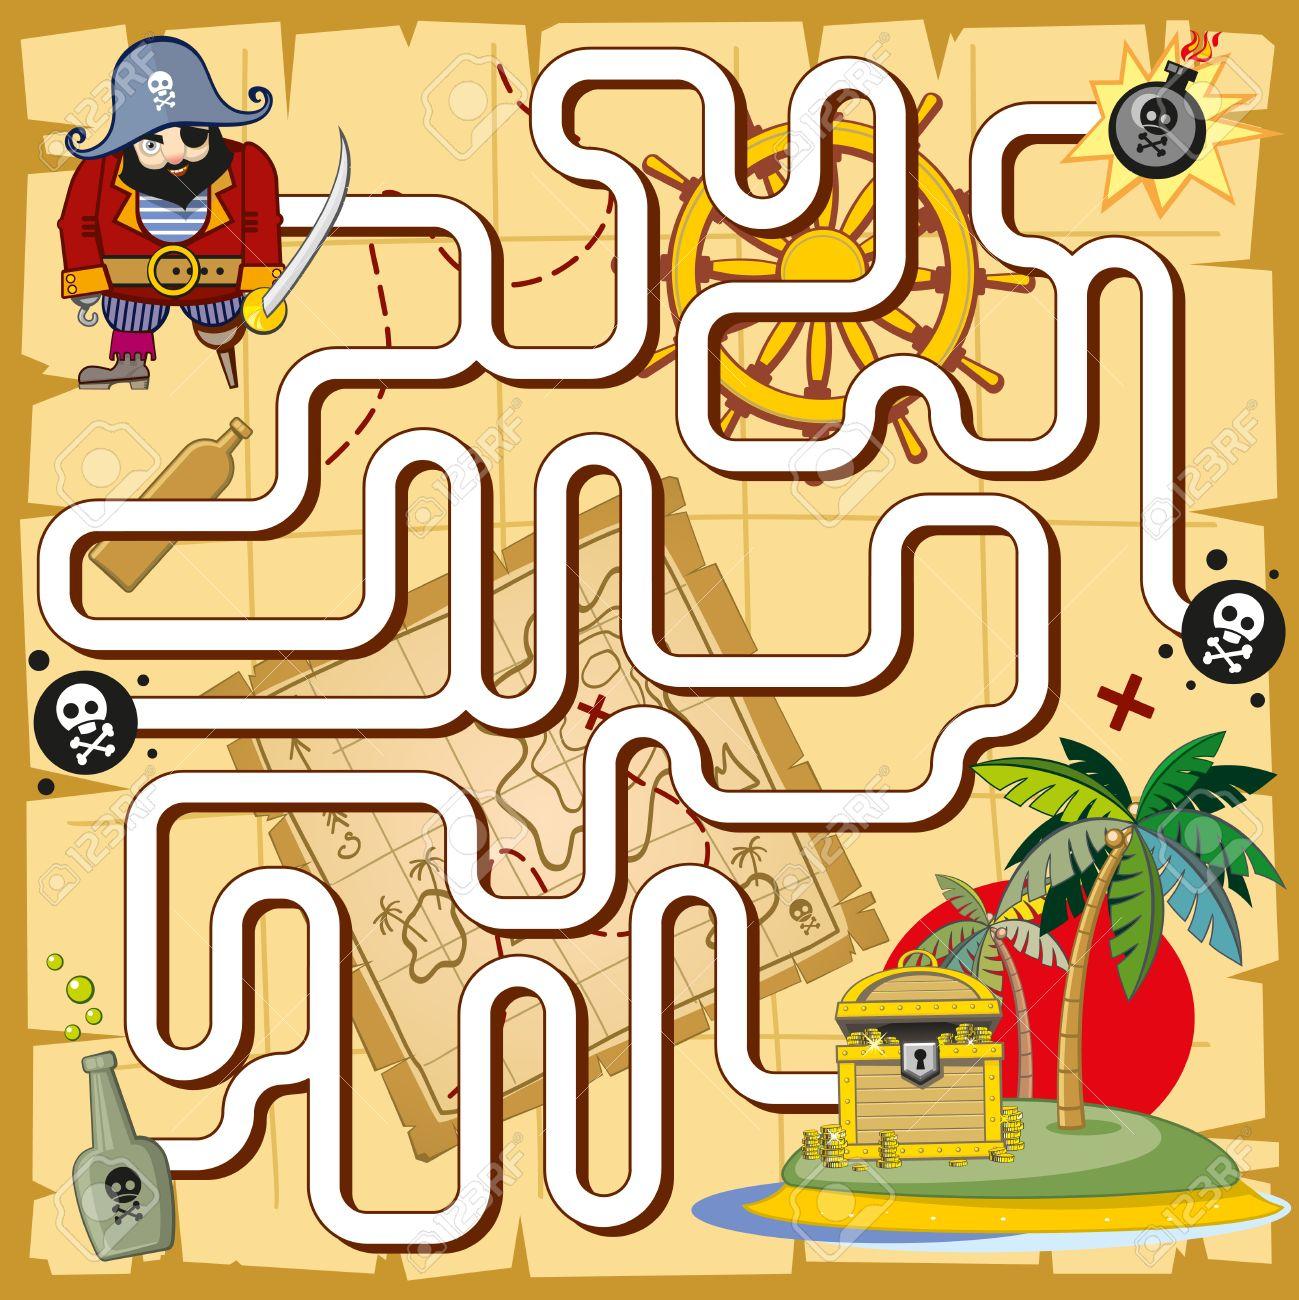 Mapa Del Tesoro Pirata Para Niños.Laberinto Pirata Juego De Laberinto Para Los Ninos En Edad Preescolar Juega Y Tesoro Mapa Y Prueba La Logica De Busqueda Ilustracion Vectorial